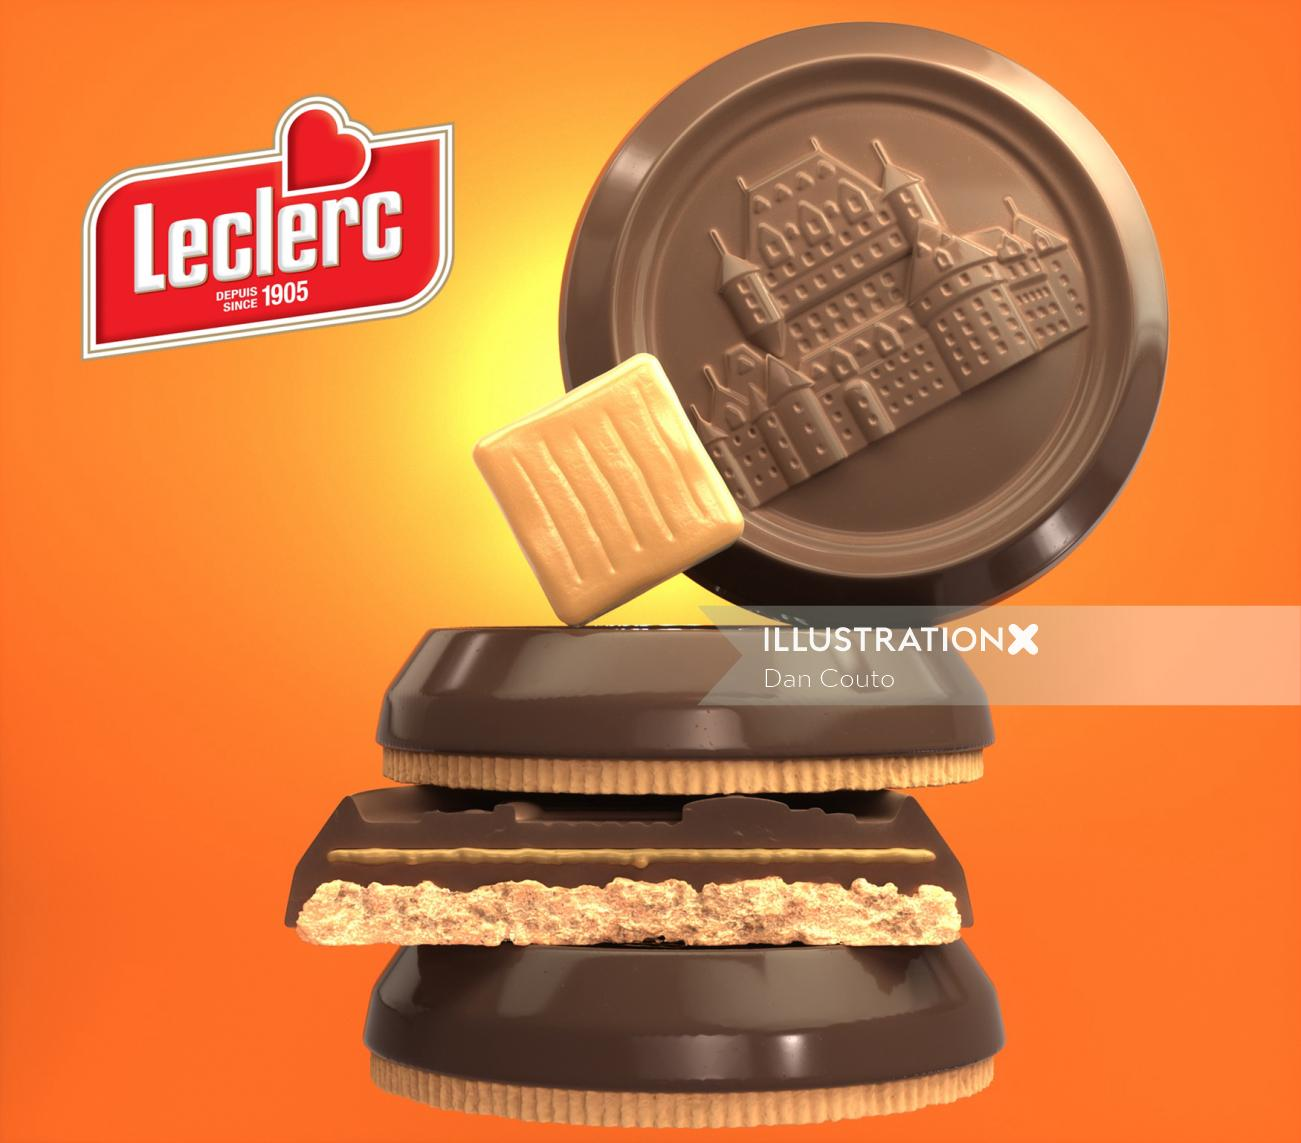 Leclerc Caramel Biscuits